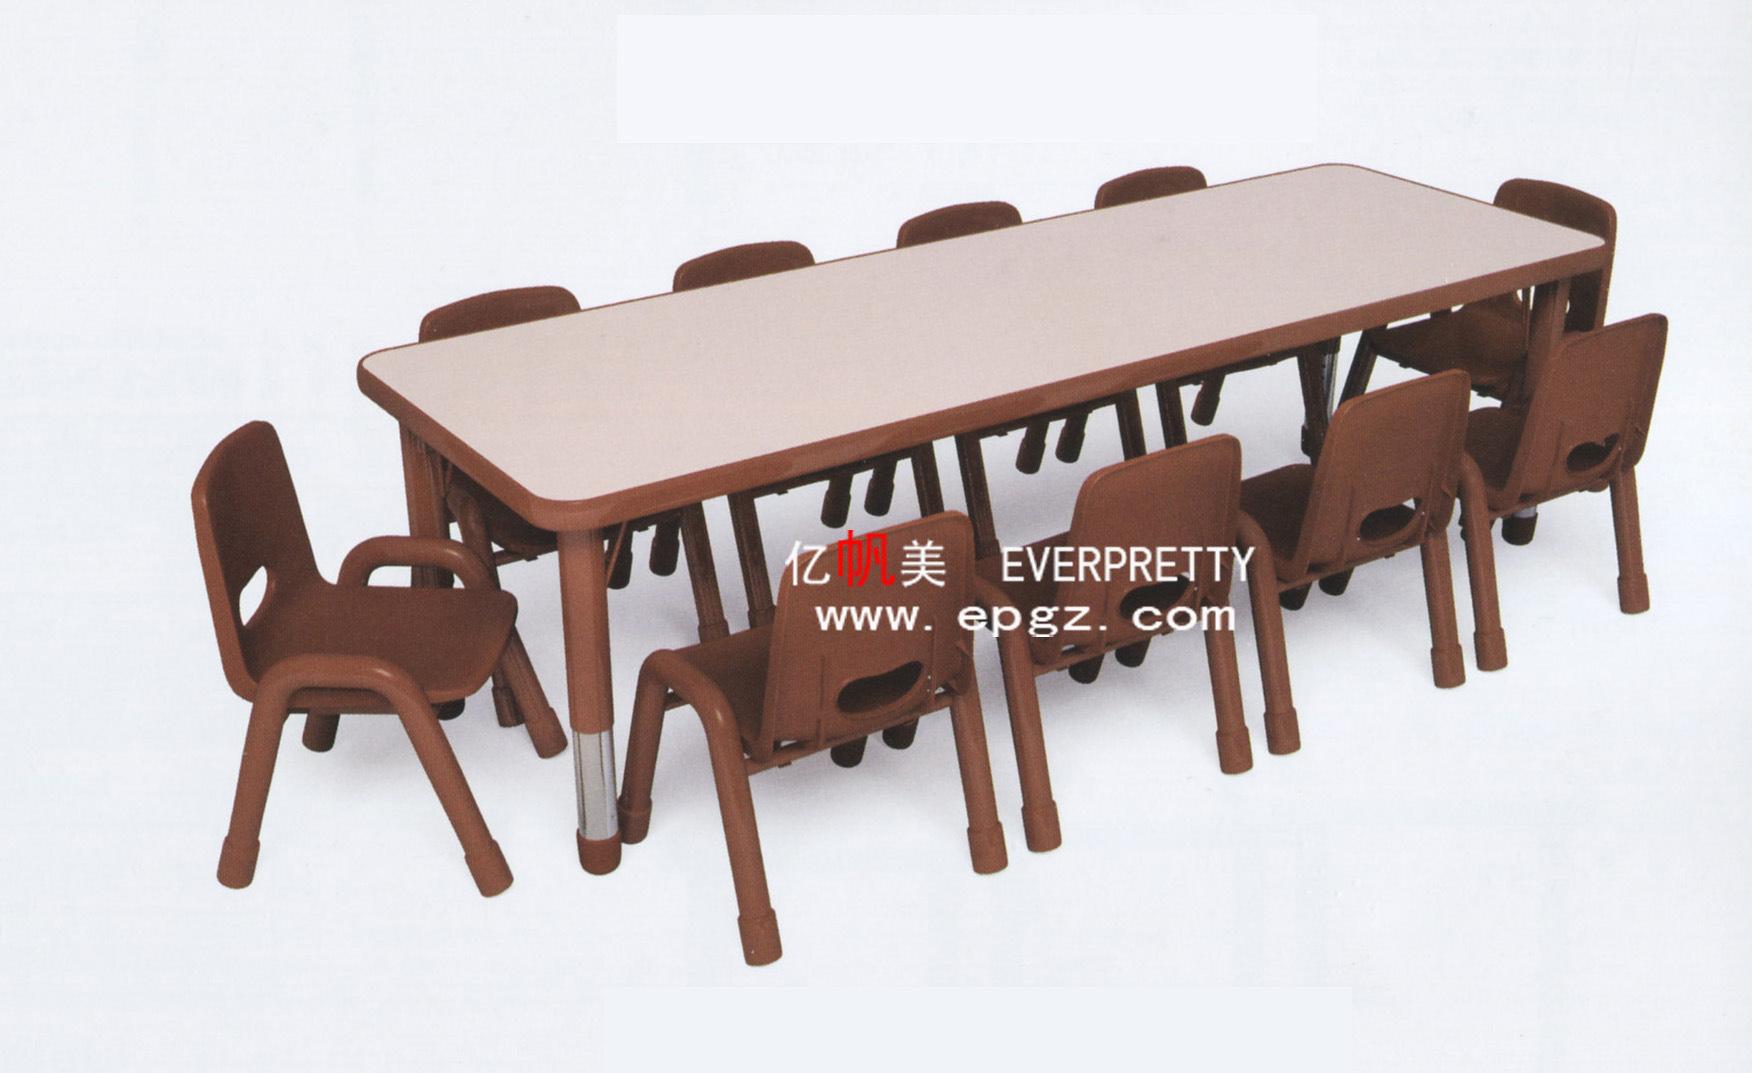 China Daycare Desk ChairKids Desk ChairPreschool